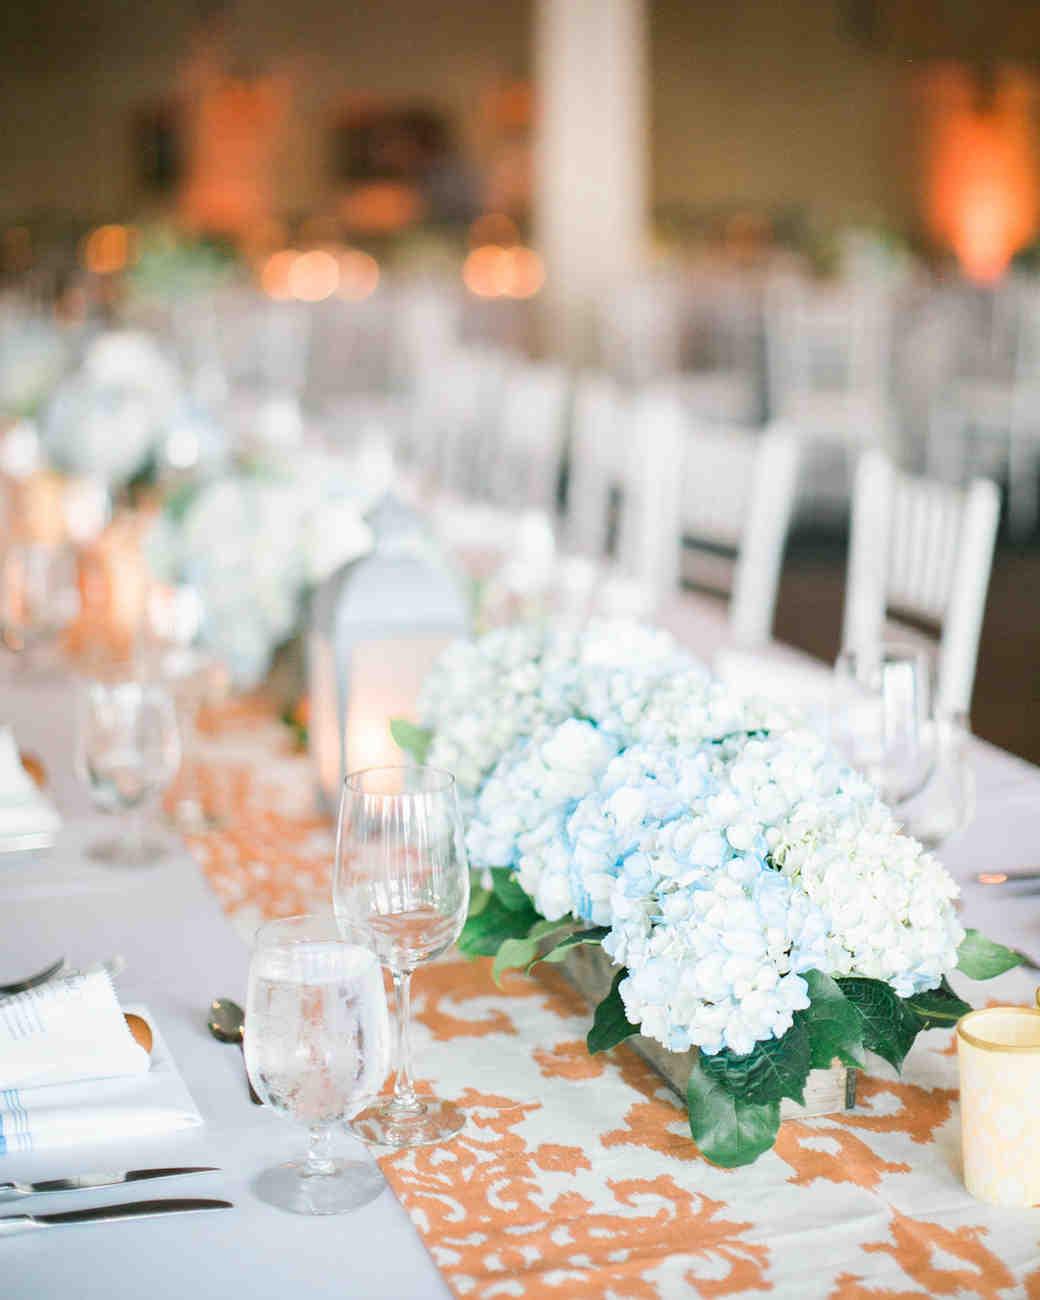 36 simple wedding centerpieces martha stewart weddings rh marthastewartweddings com wedding table centerpieces cheap wedding table centerpieces wood